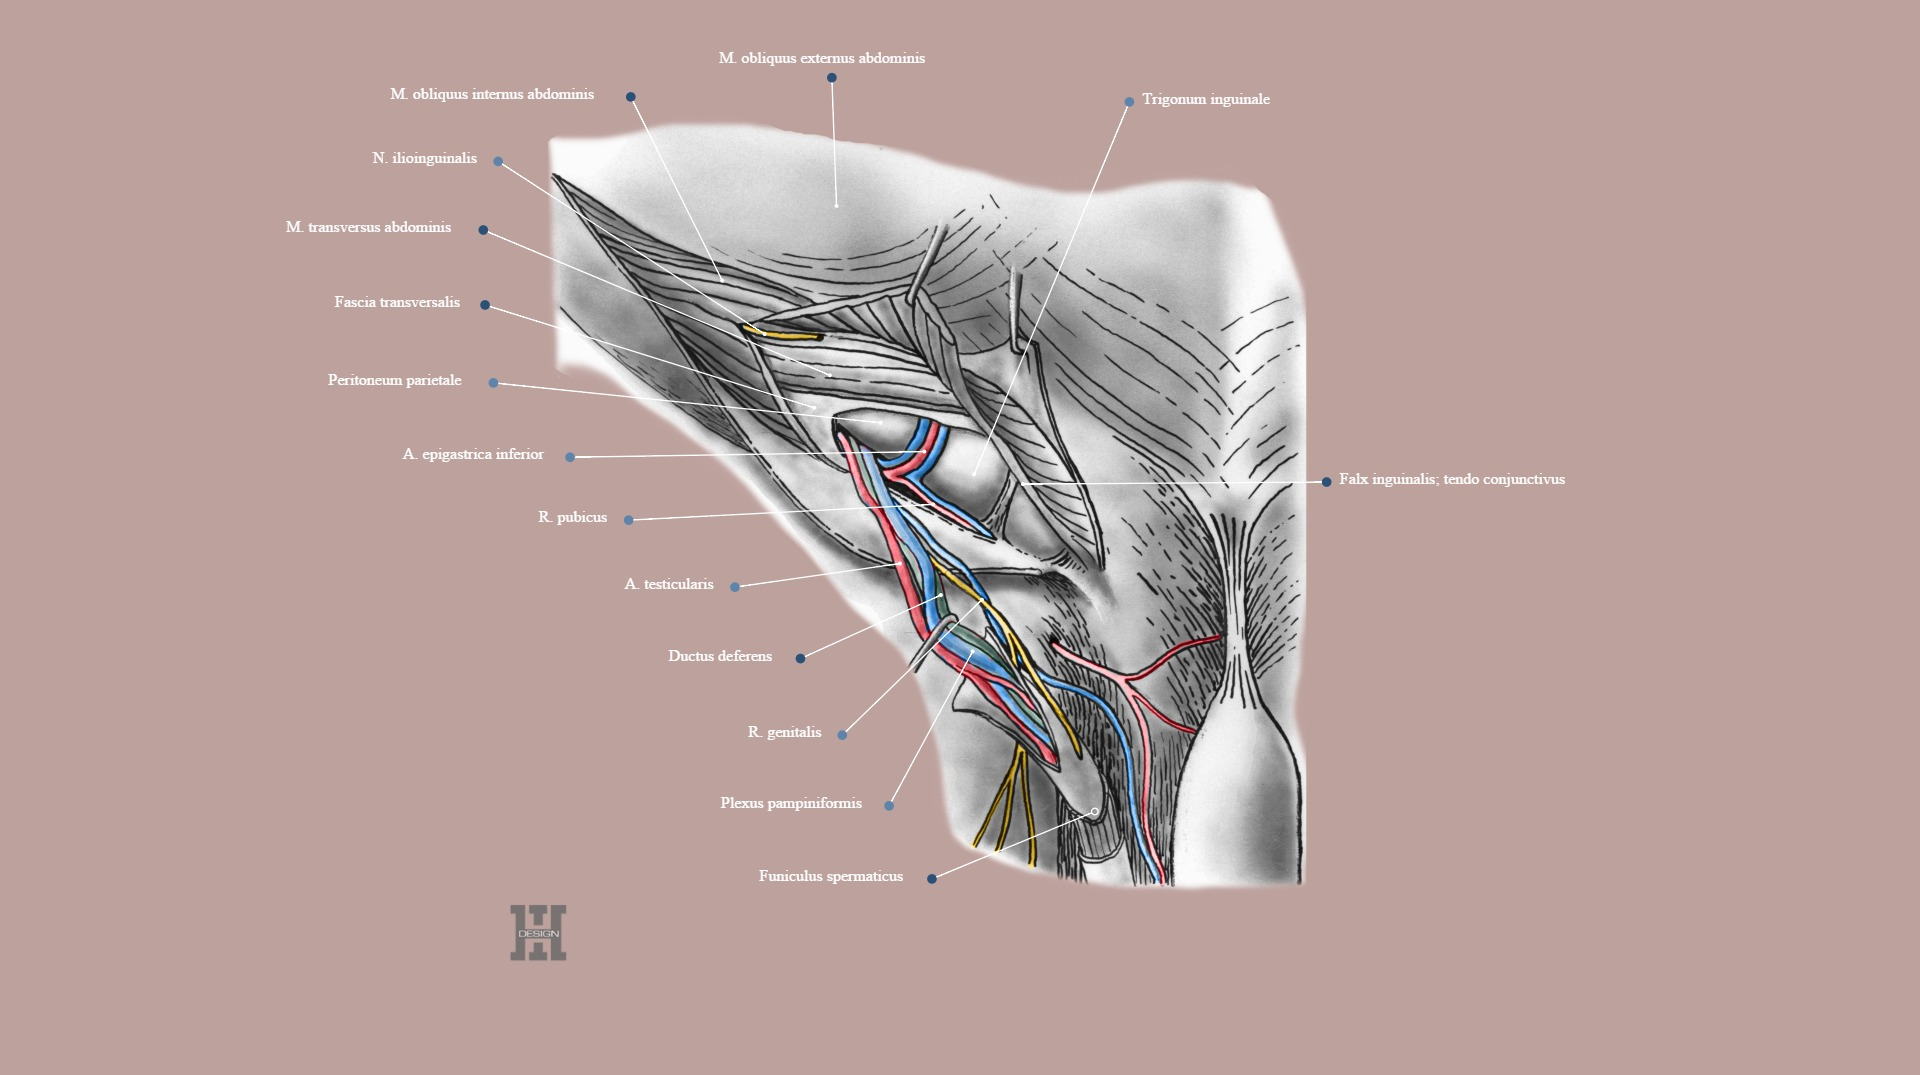 Regio inguinalis, spermatic cord dissection